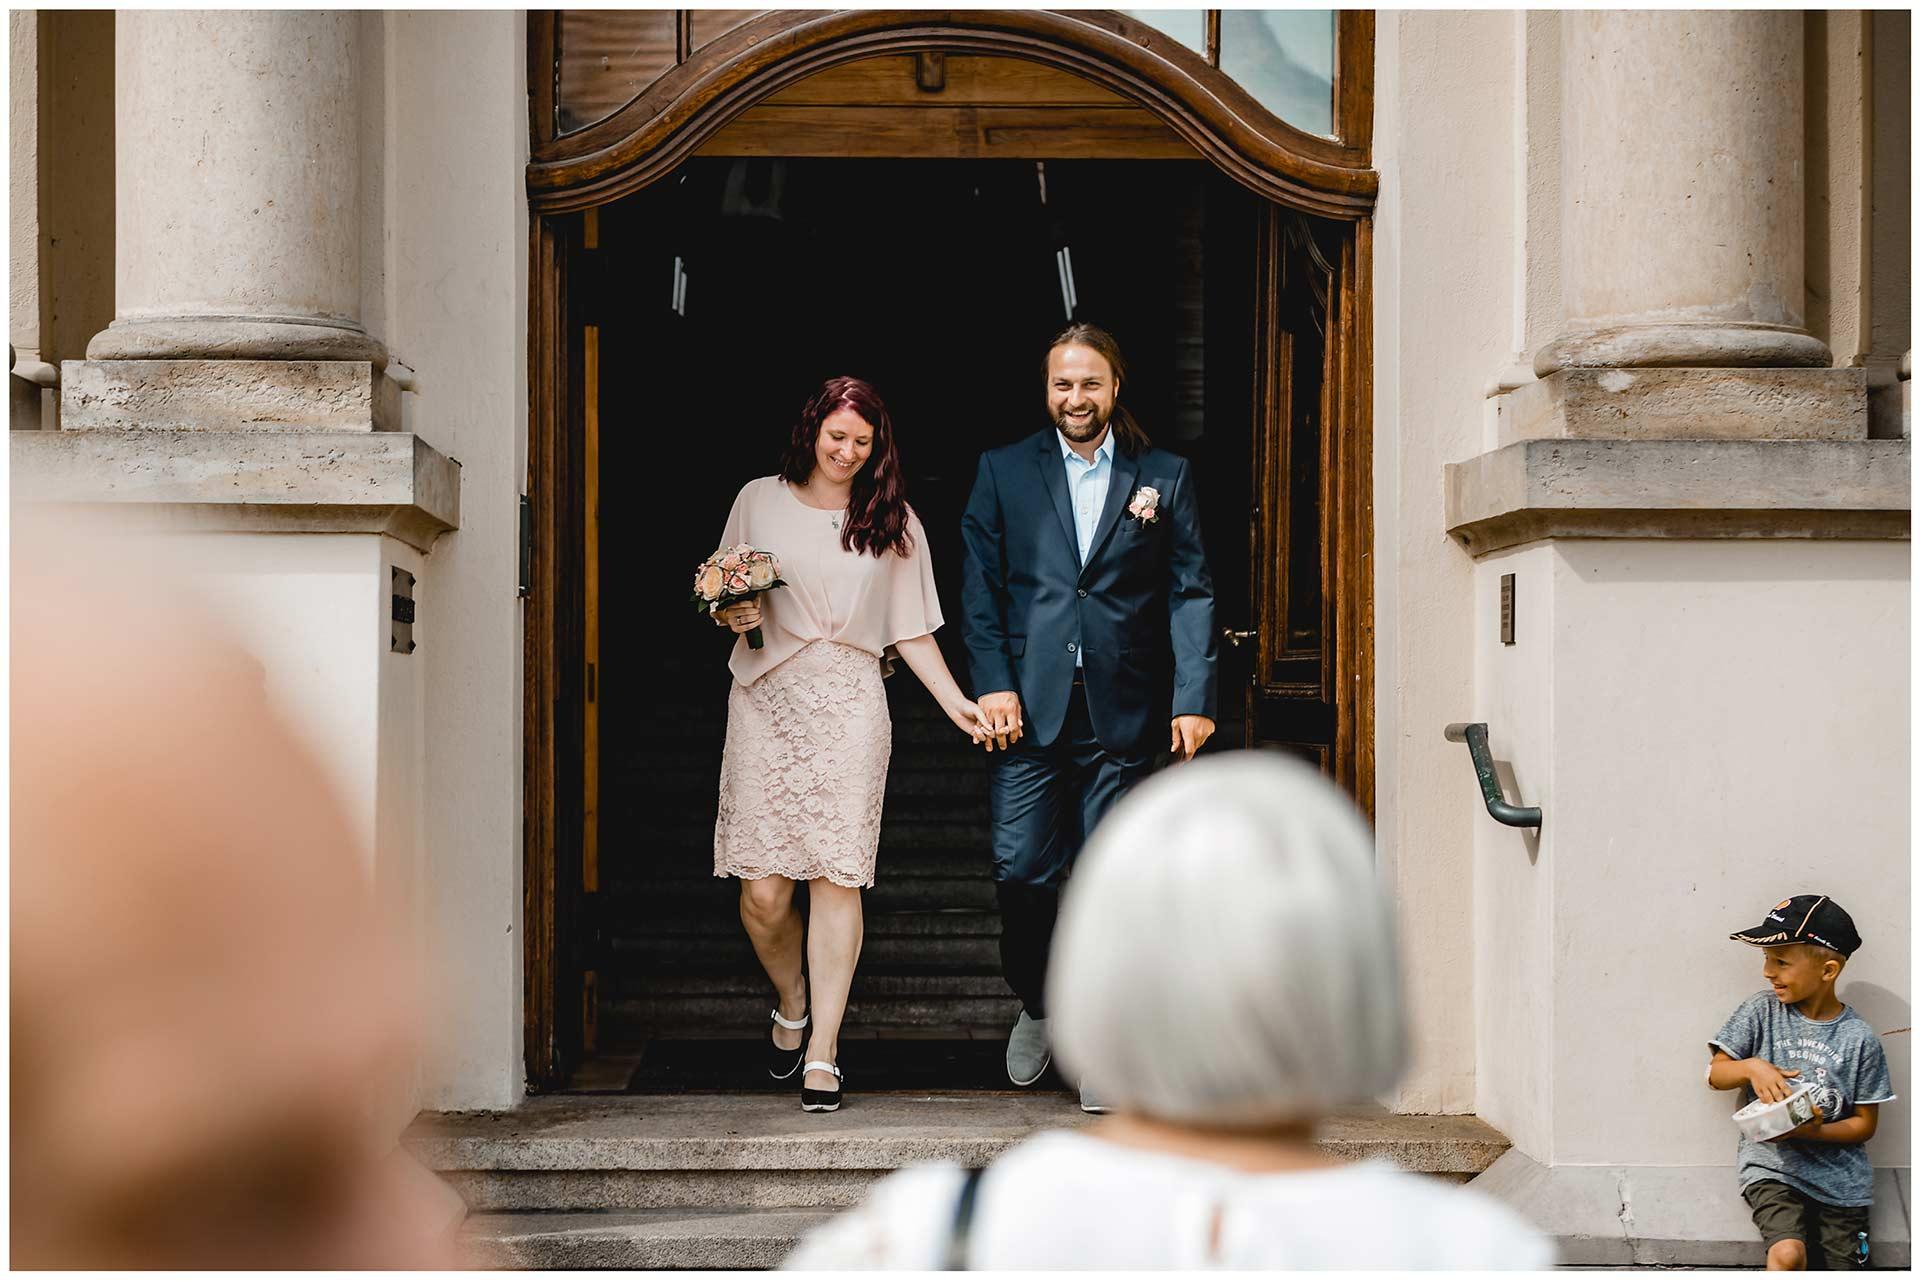 Brautpaar kommt lachend nach der Trauung aus dem Rathaus Teterow - Hochzeitsfotograf in Teterow